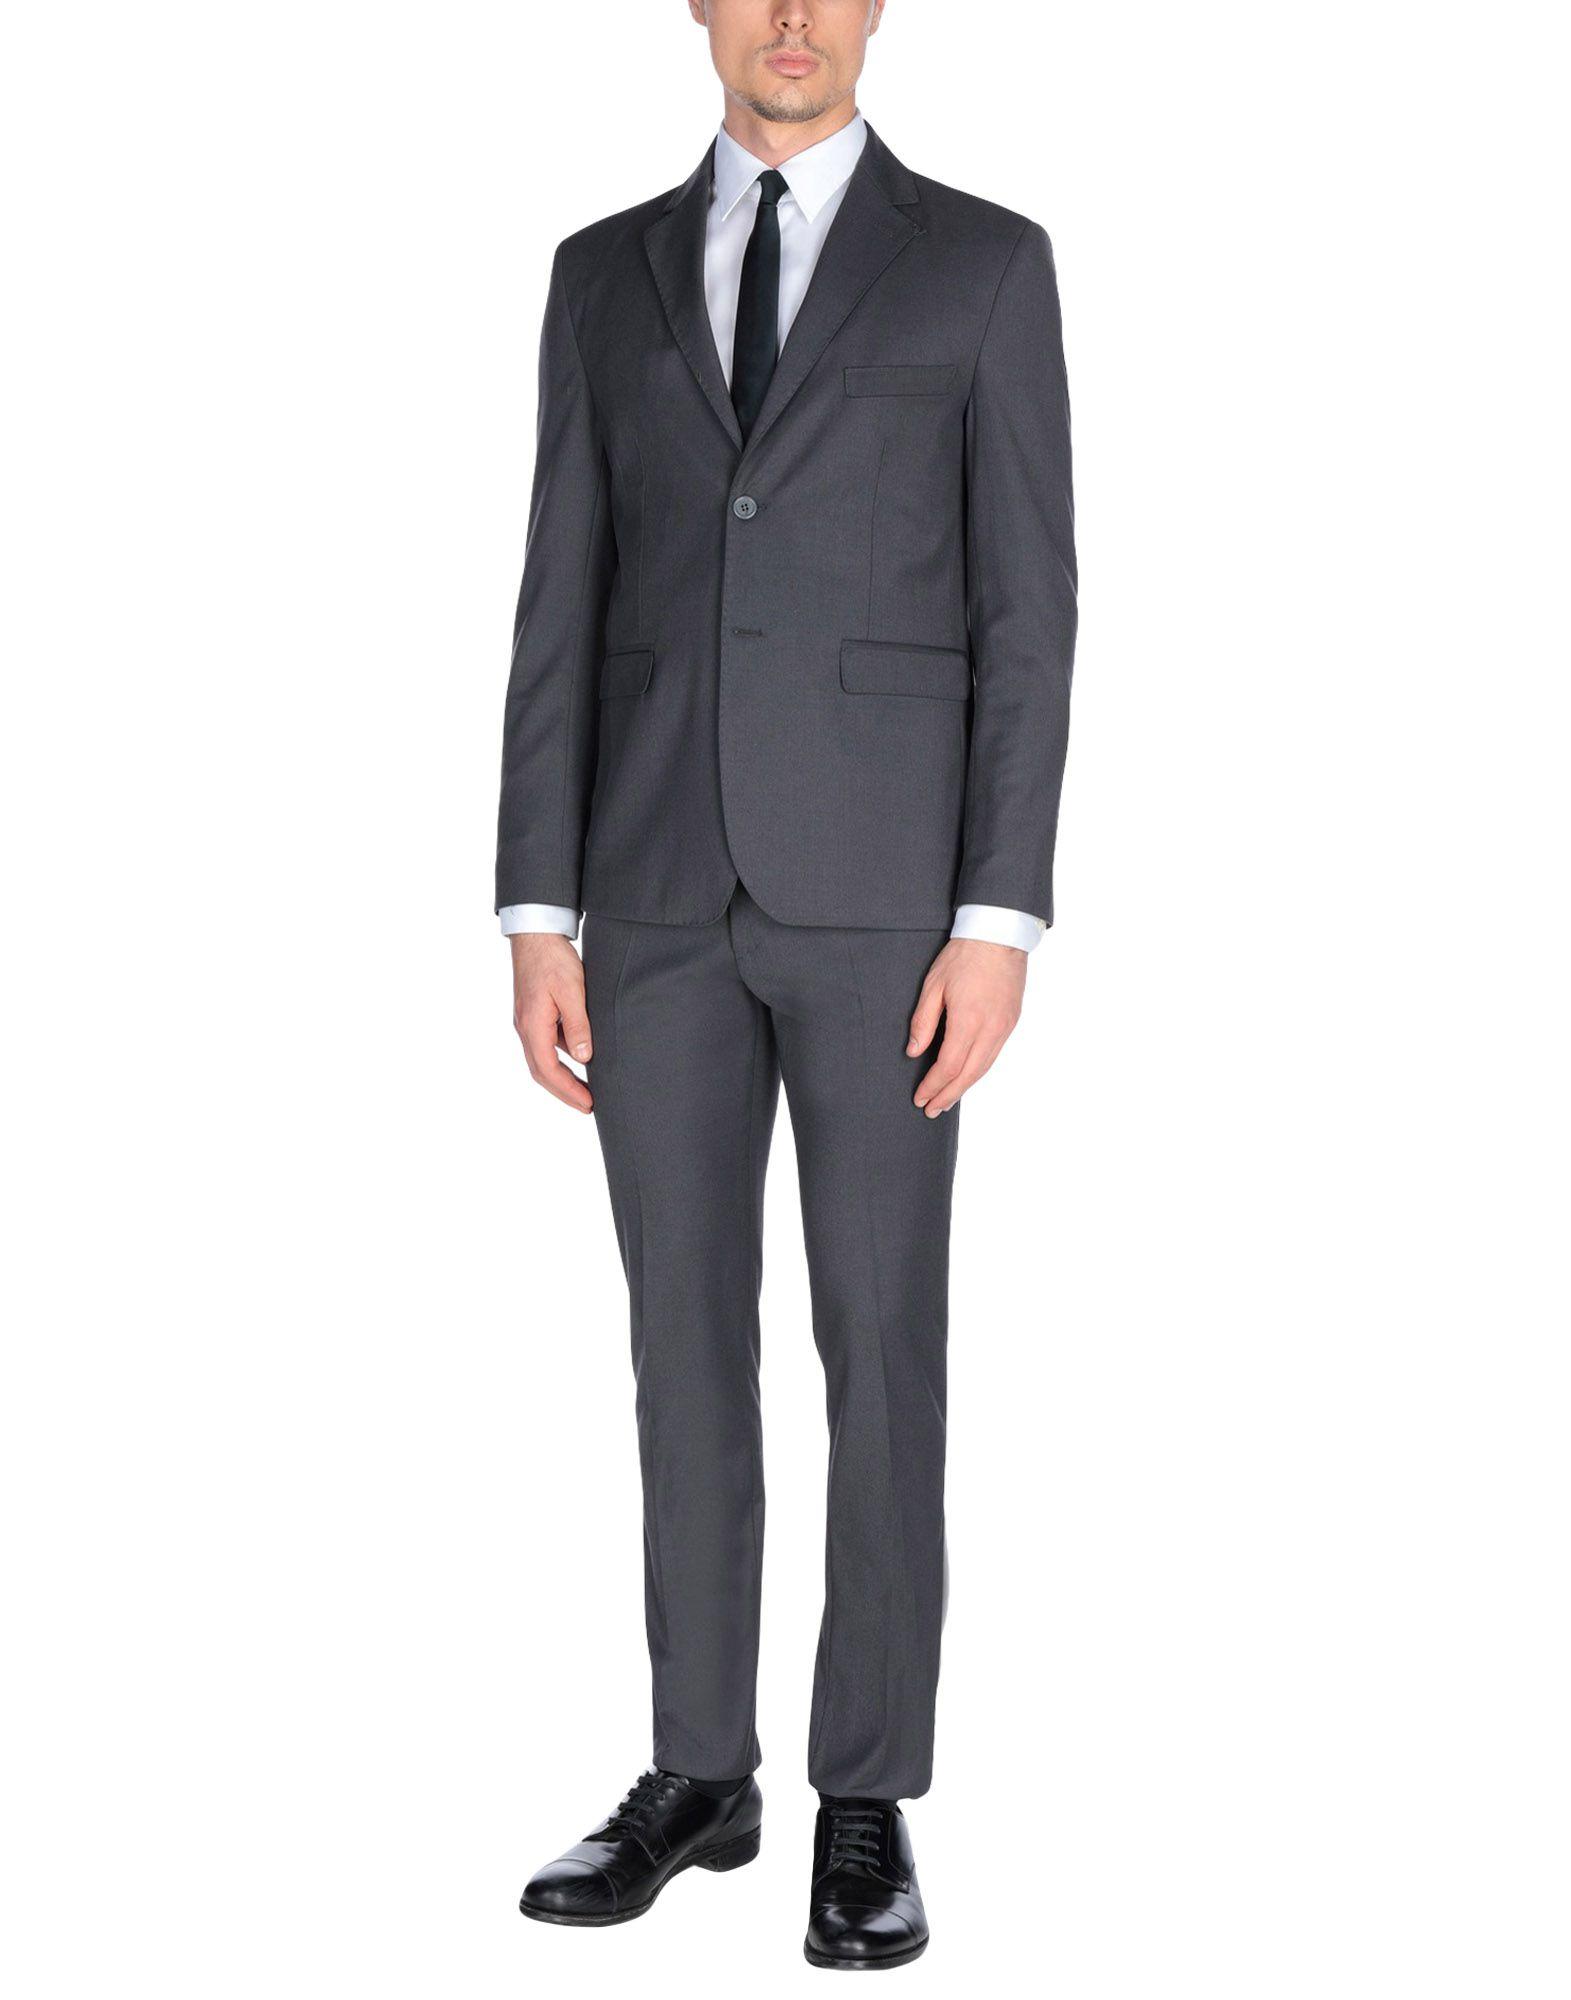 《送料無料》DE BOTTIS Sartoria Italiana メンズ スーツ グレー 46 ウール 100%